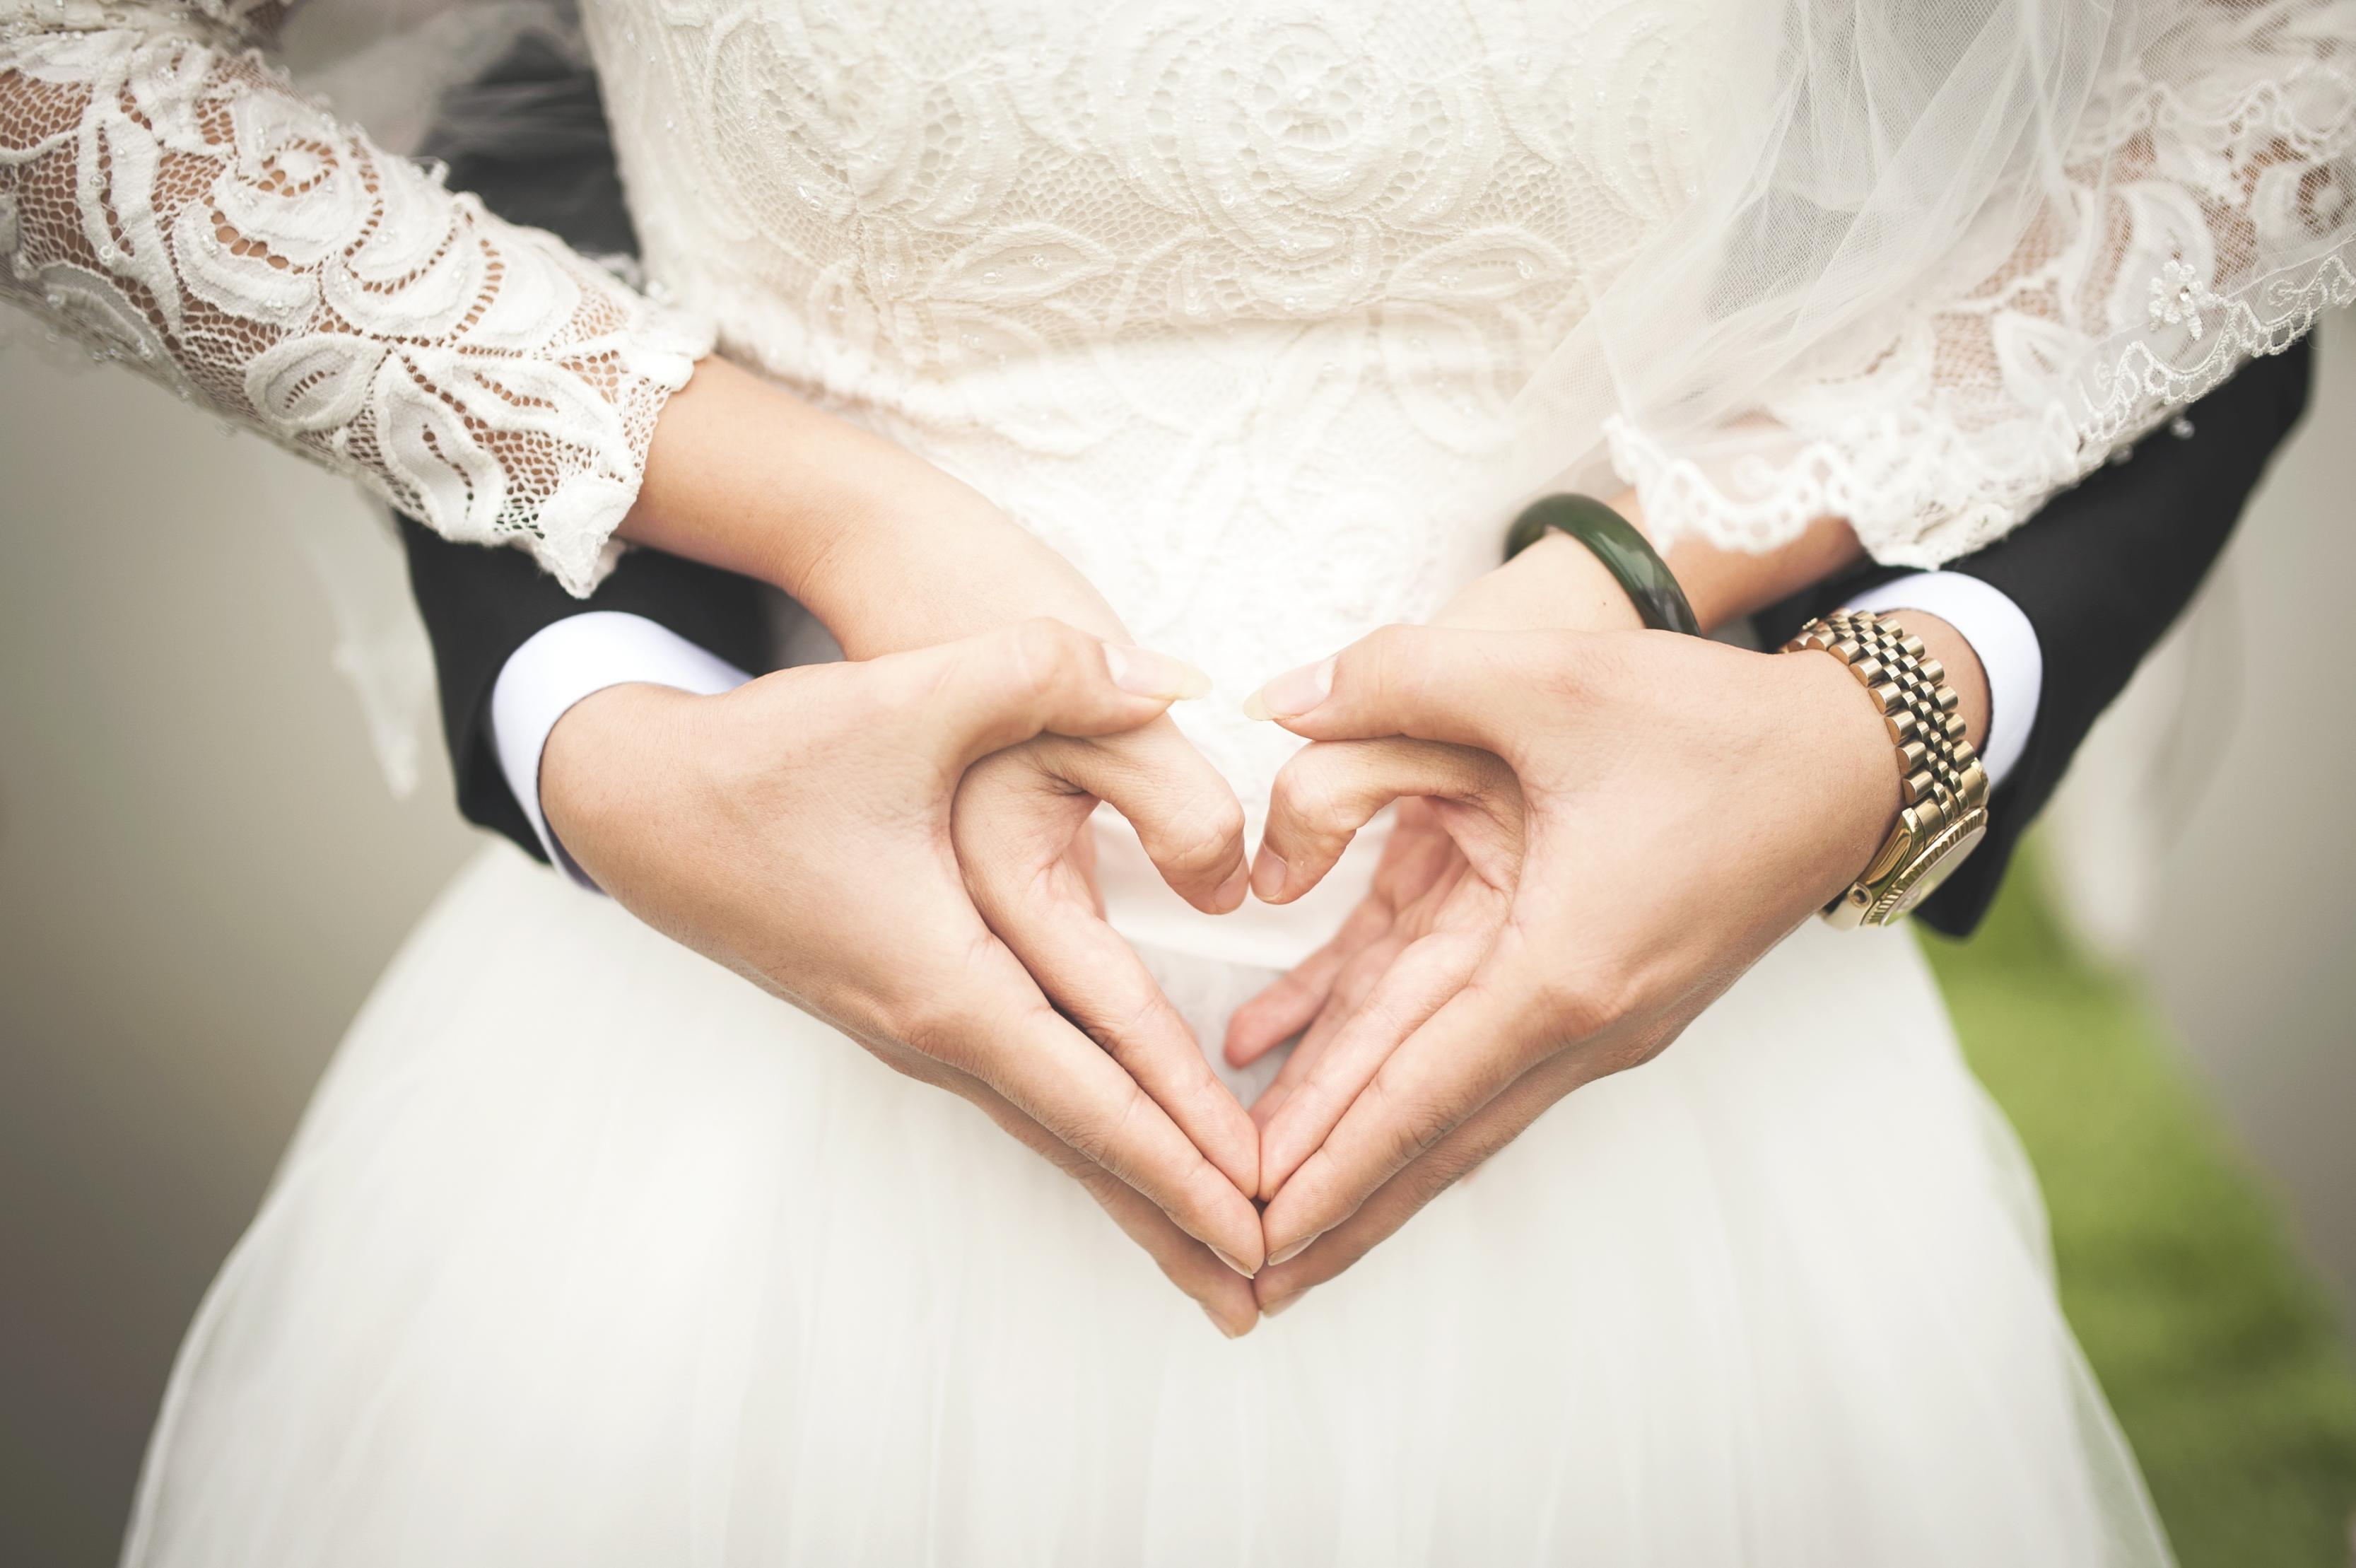 بالصور صور حبيبين , اجمل رمزيات للحبيبين